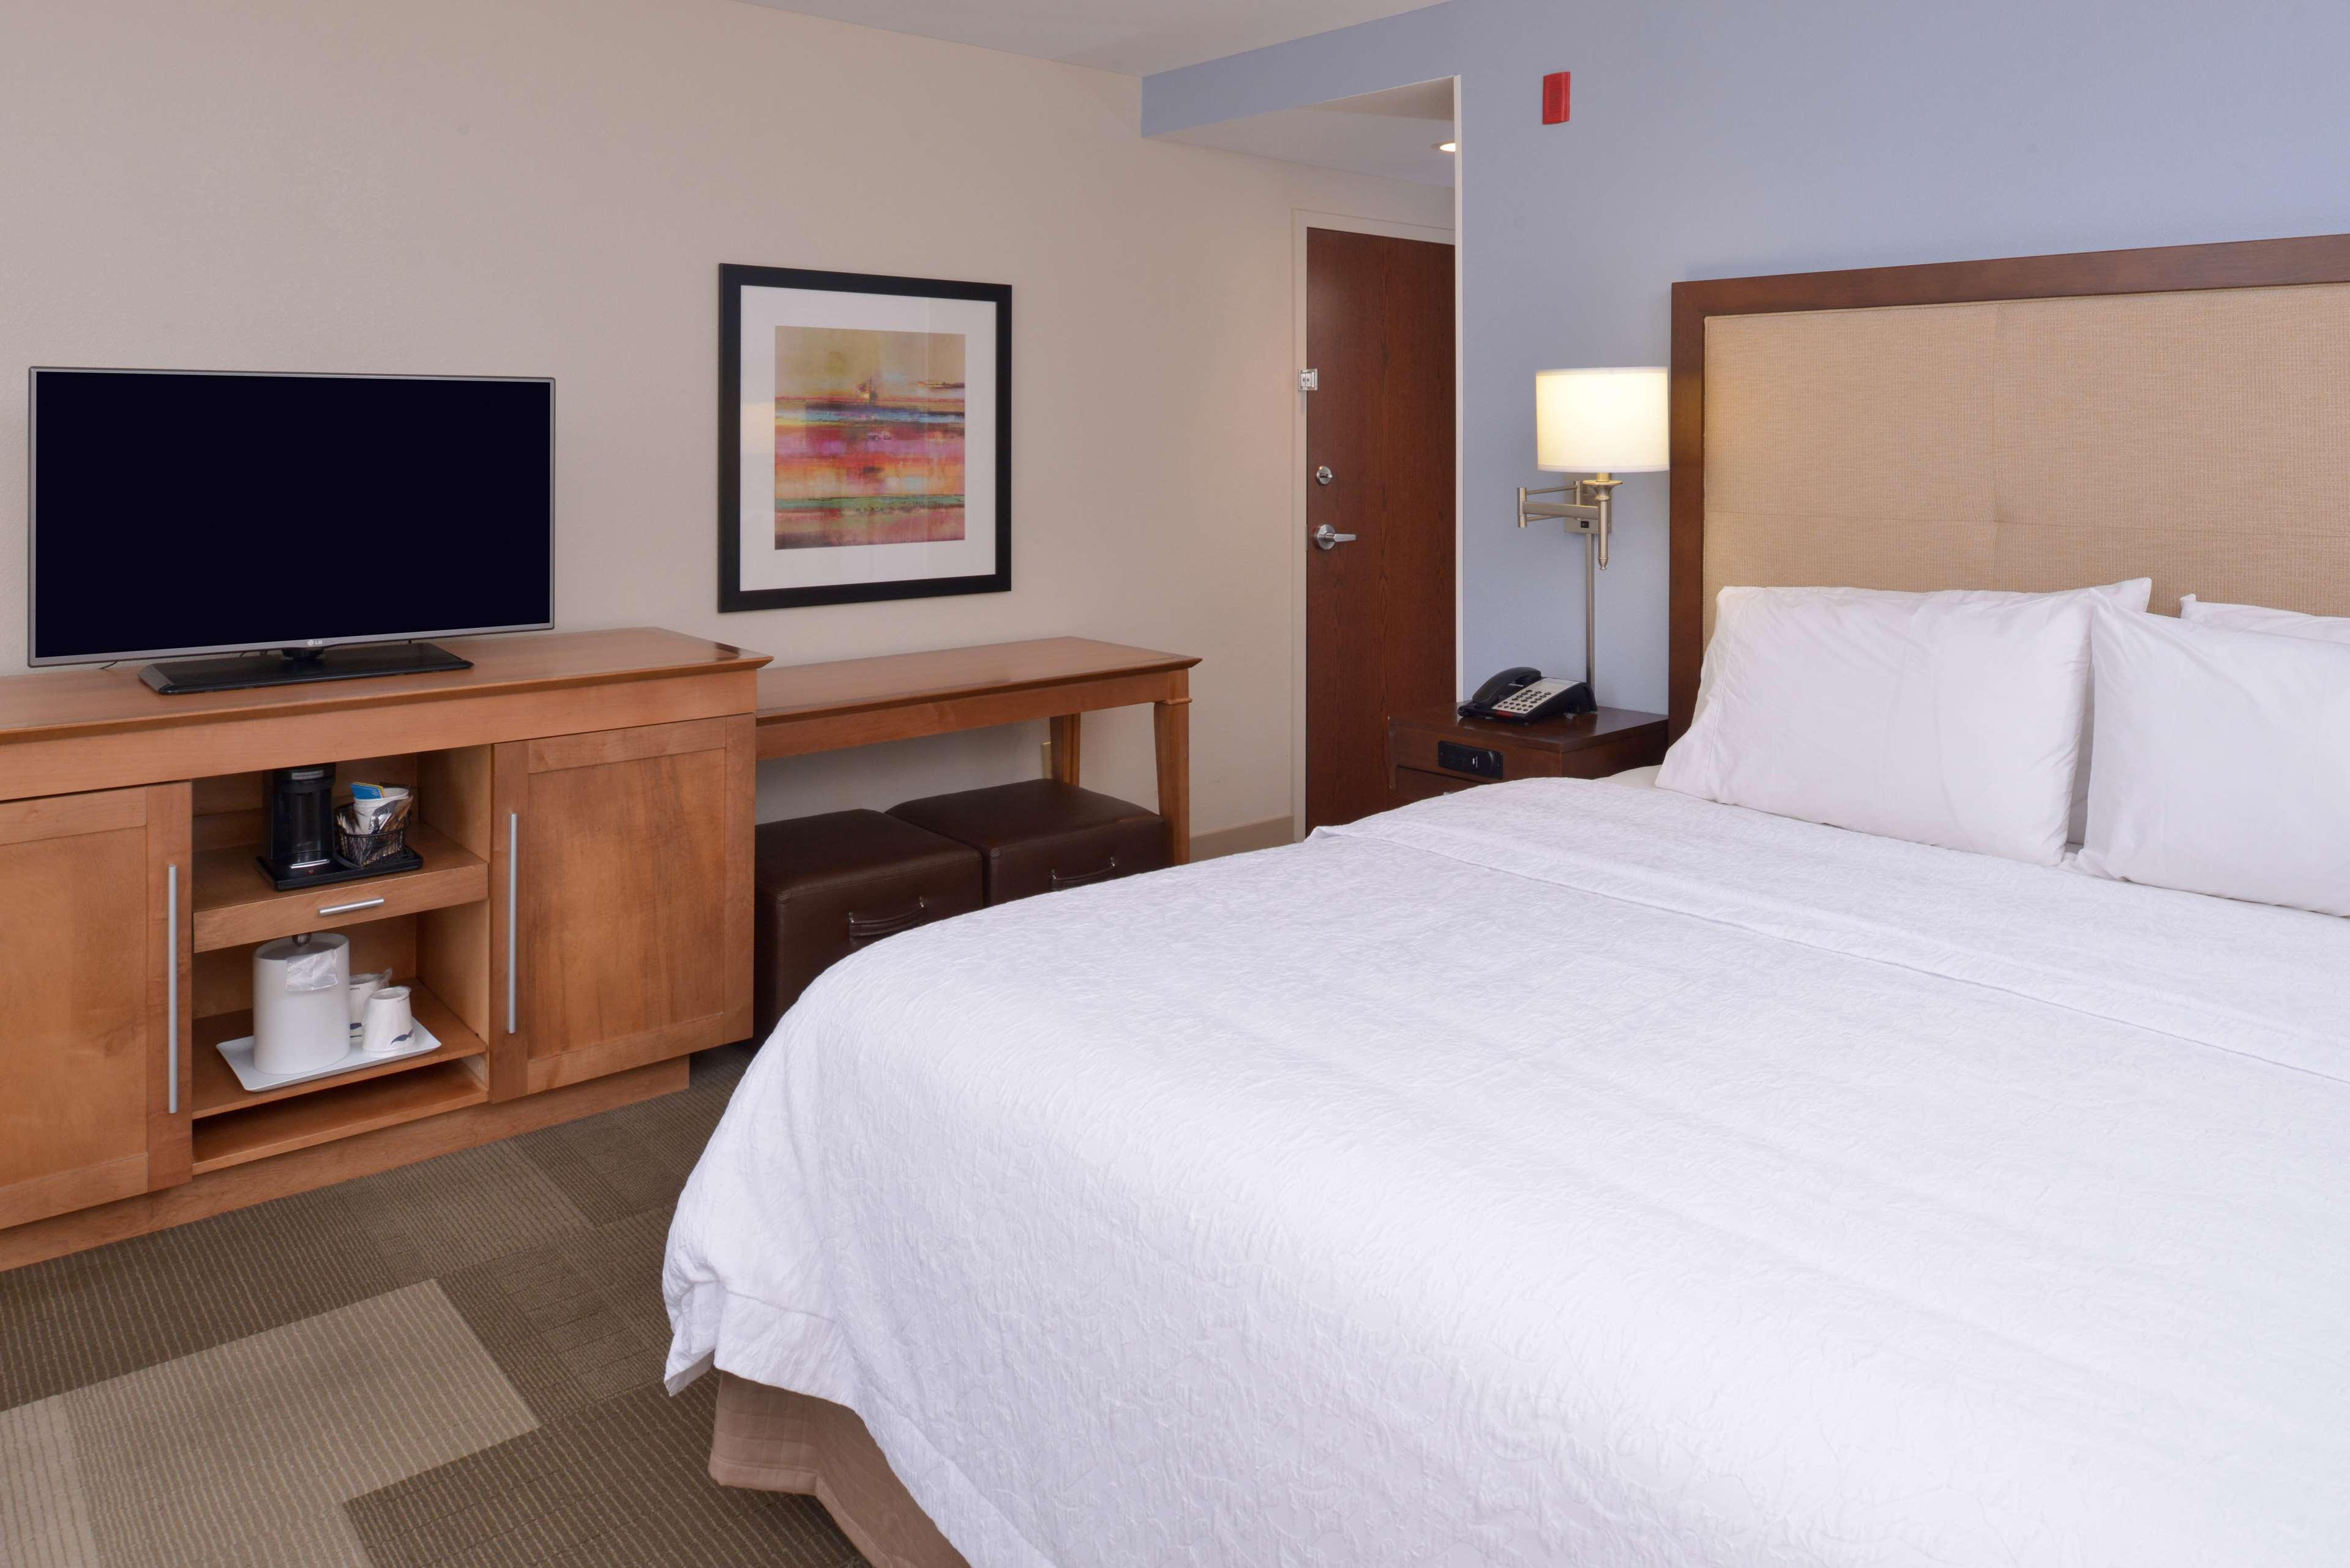 Hampton Inn & Suites Lonoke image 41